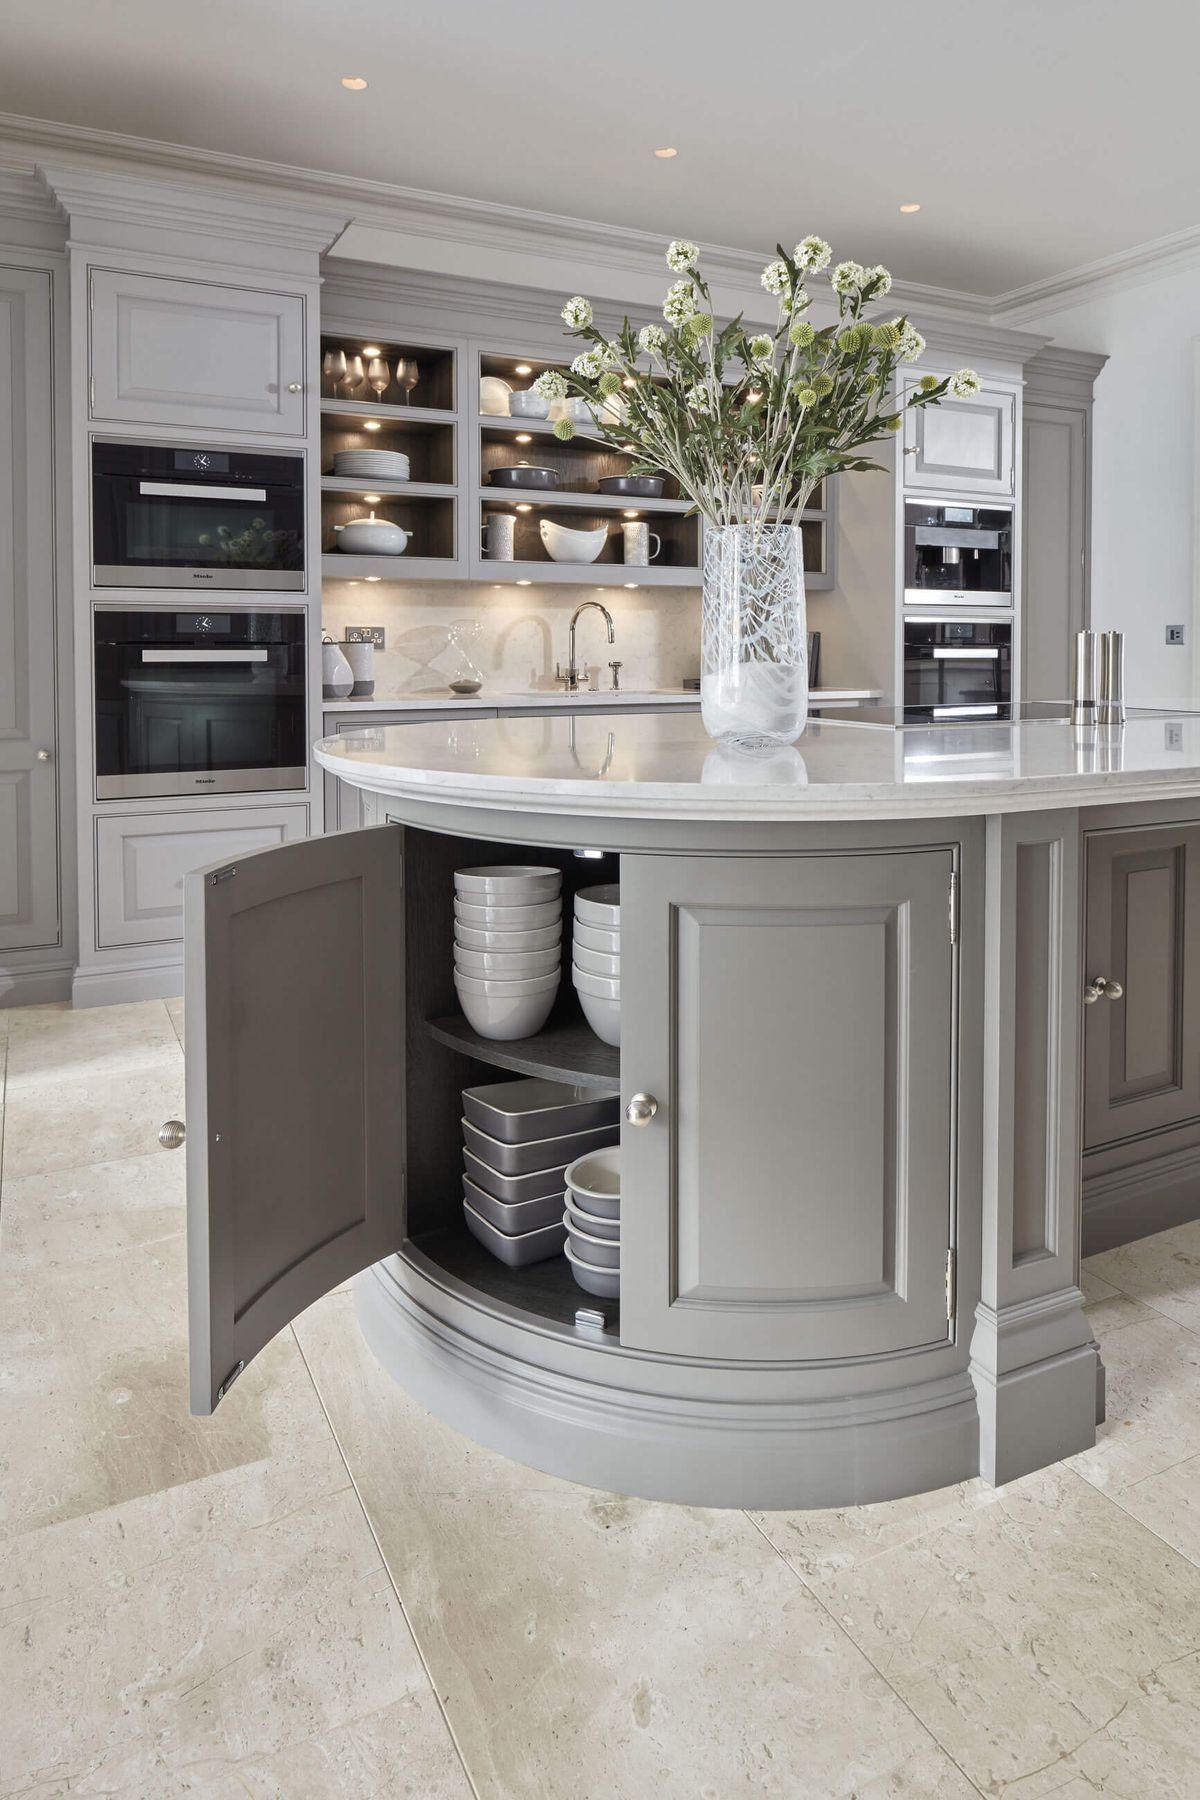 Top 12 Gorgeous Kitchen Island Ideas